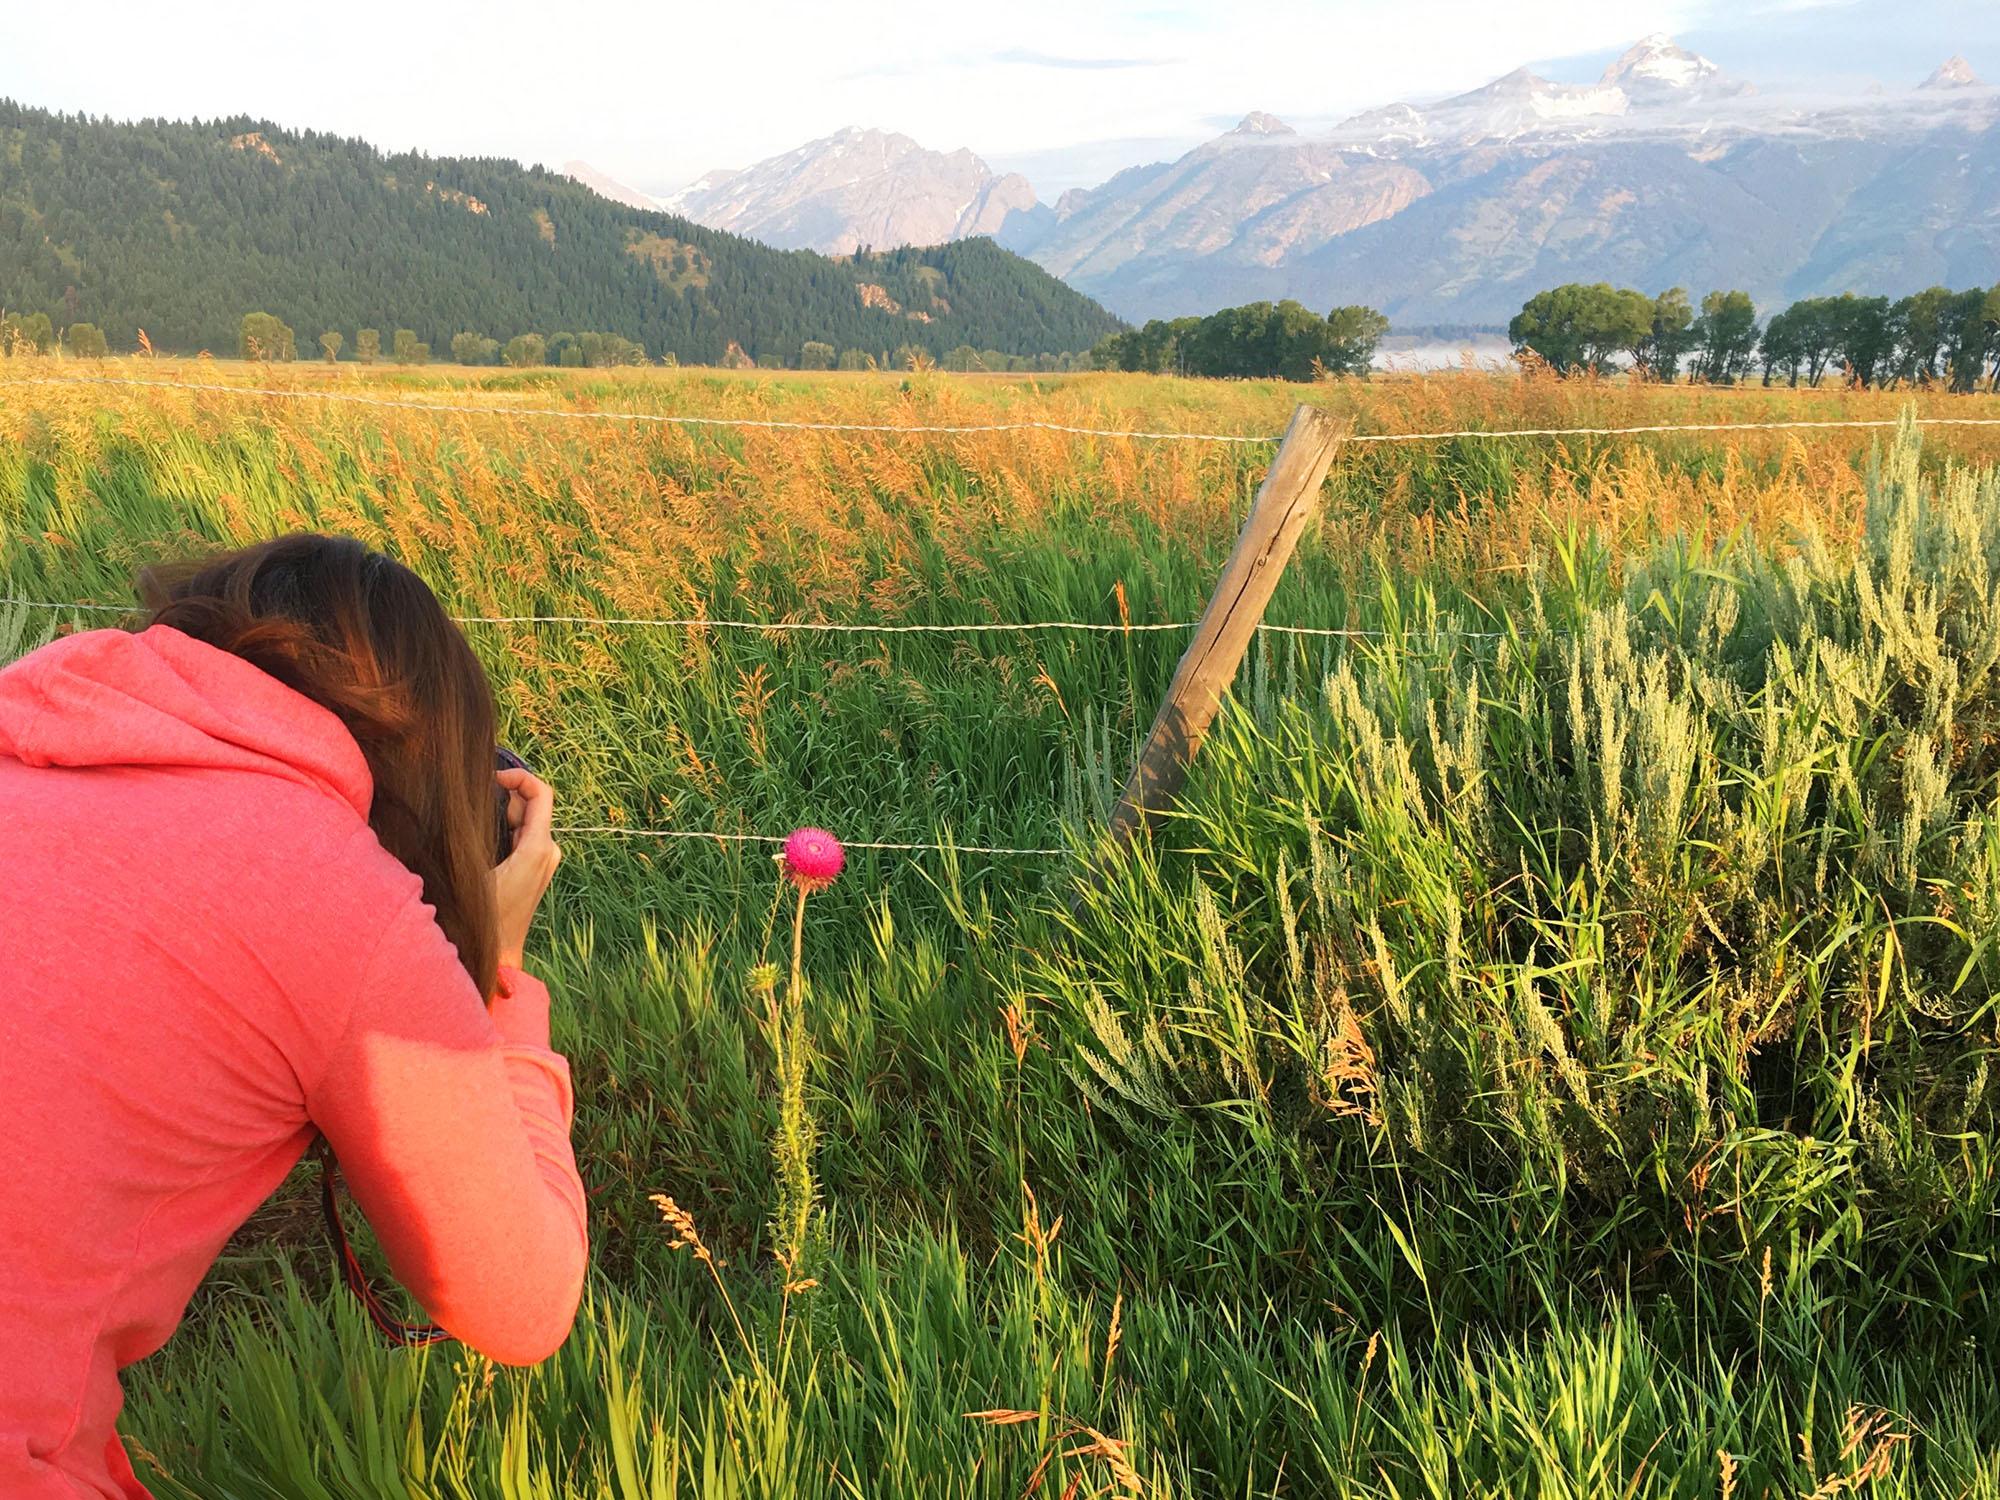 jo-torrijos-states-of-reverie-grand-teton-national-park-mormon-row-sunrise-4.jpg